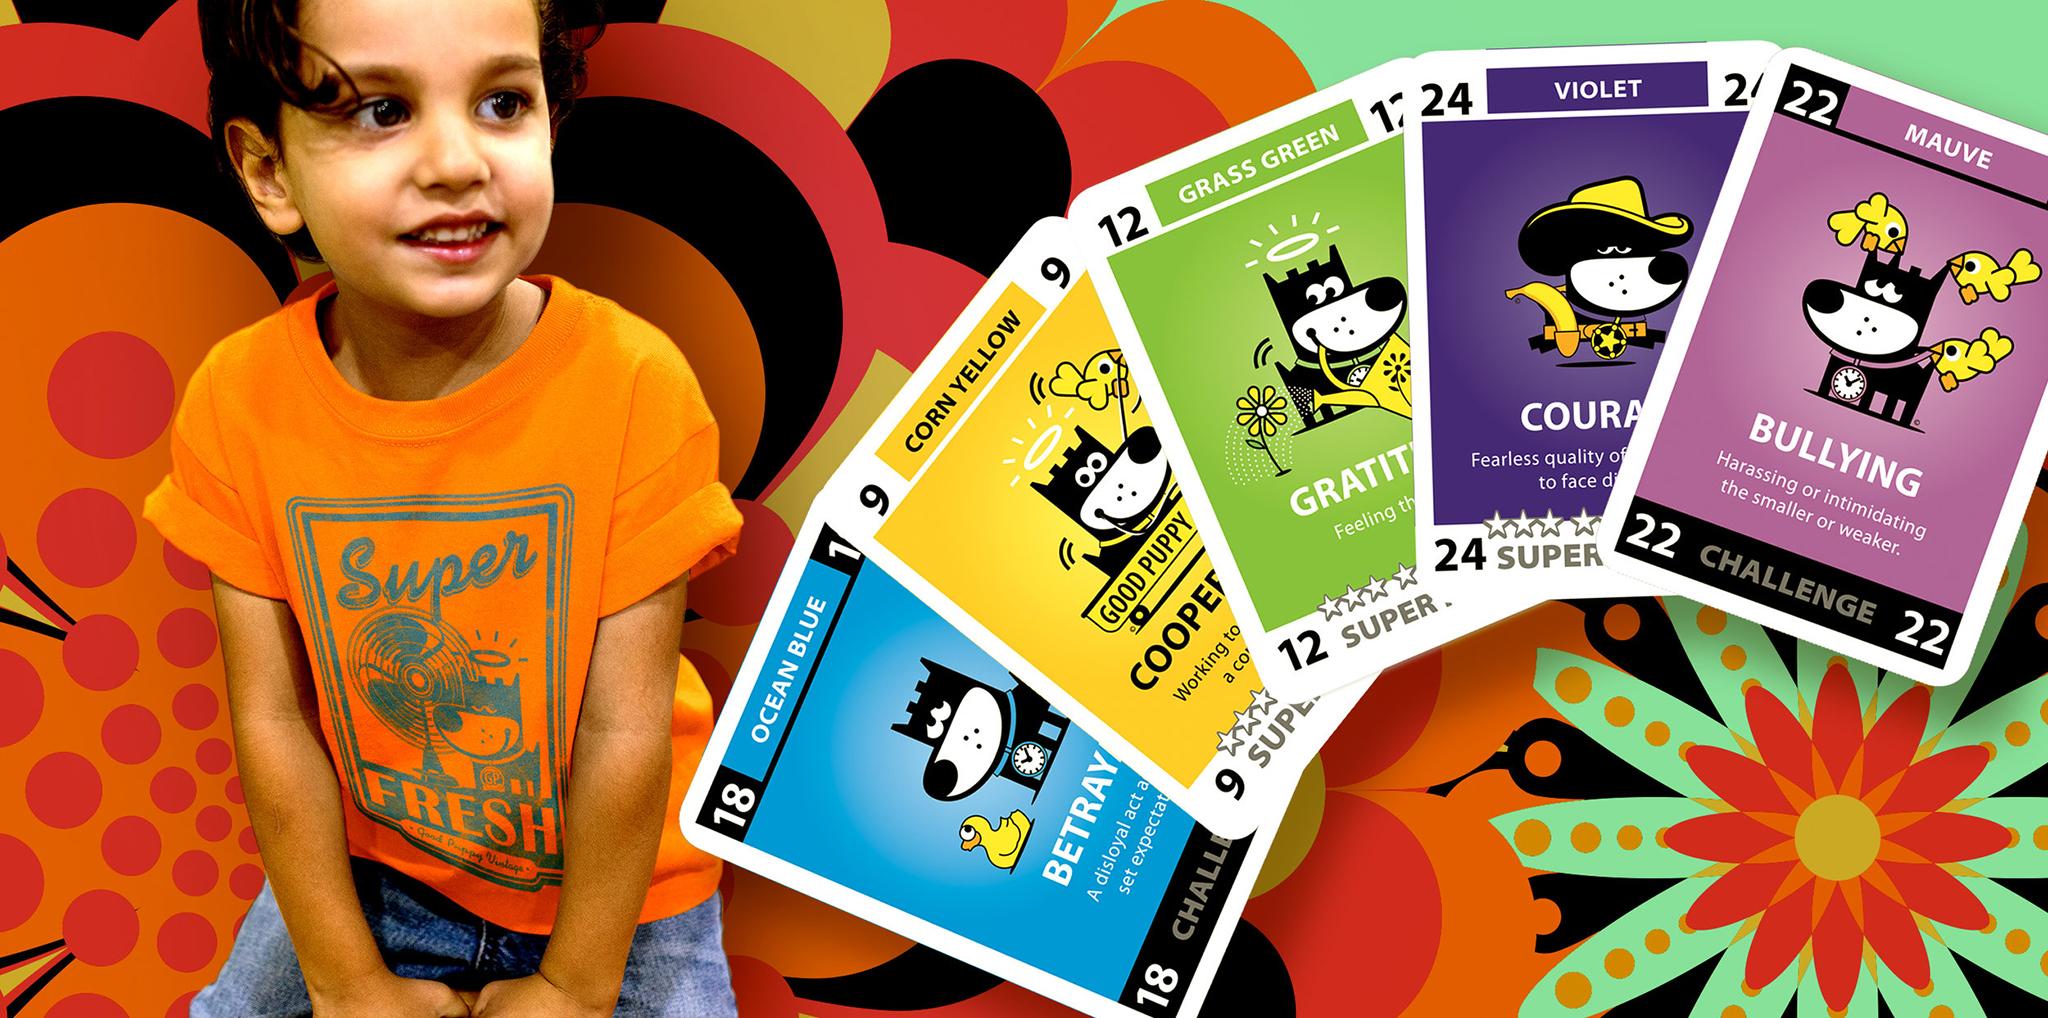 Virtues-Game-For-Children.jpg